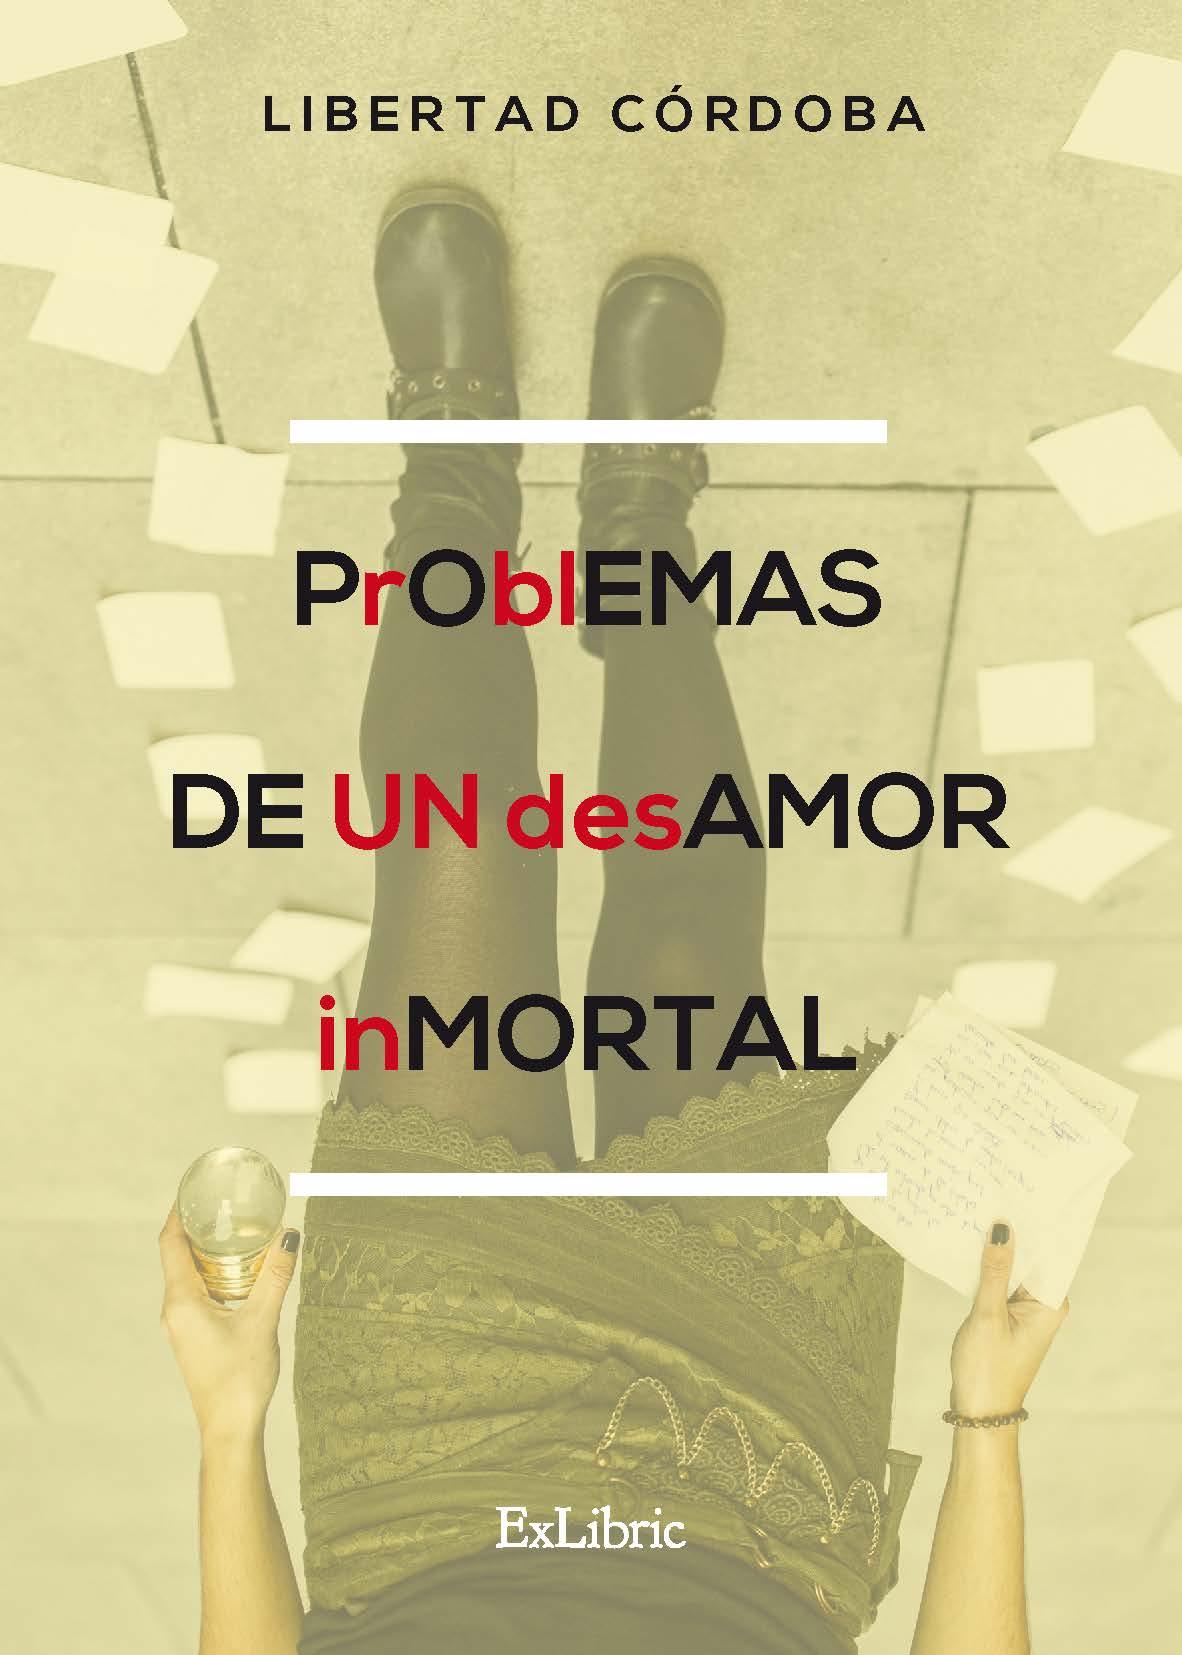 Problemas de un desamor inmortal